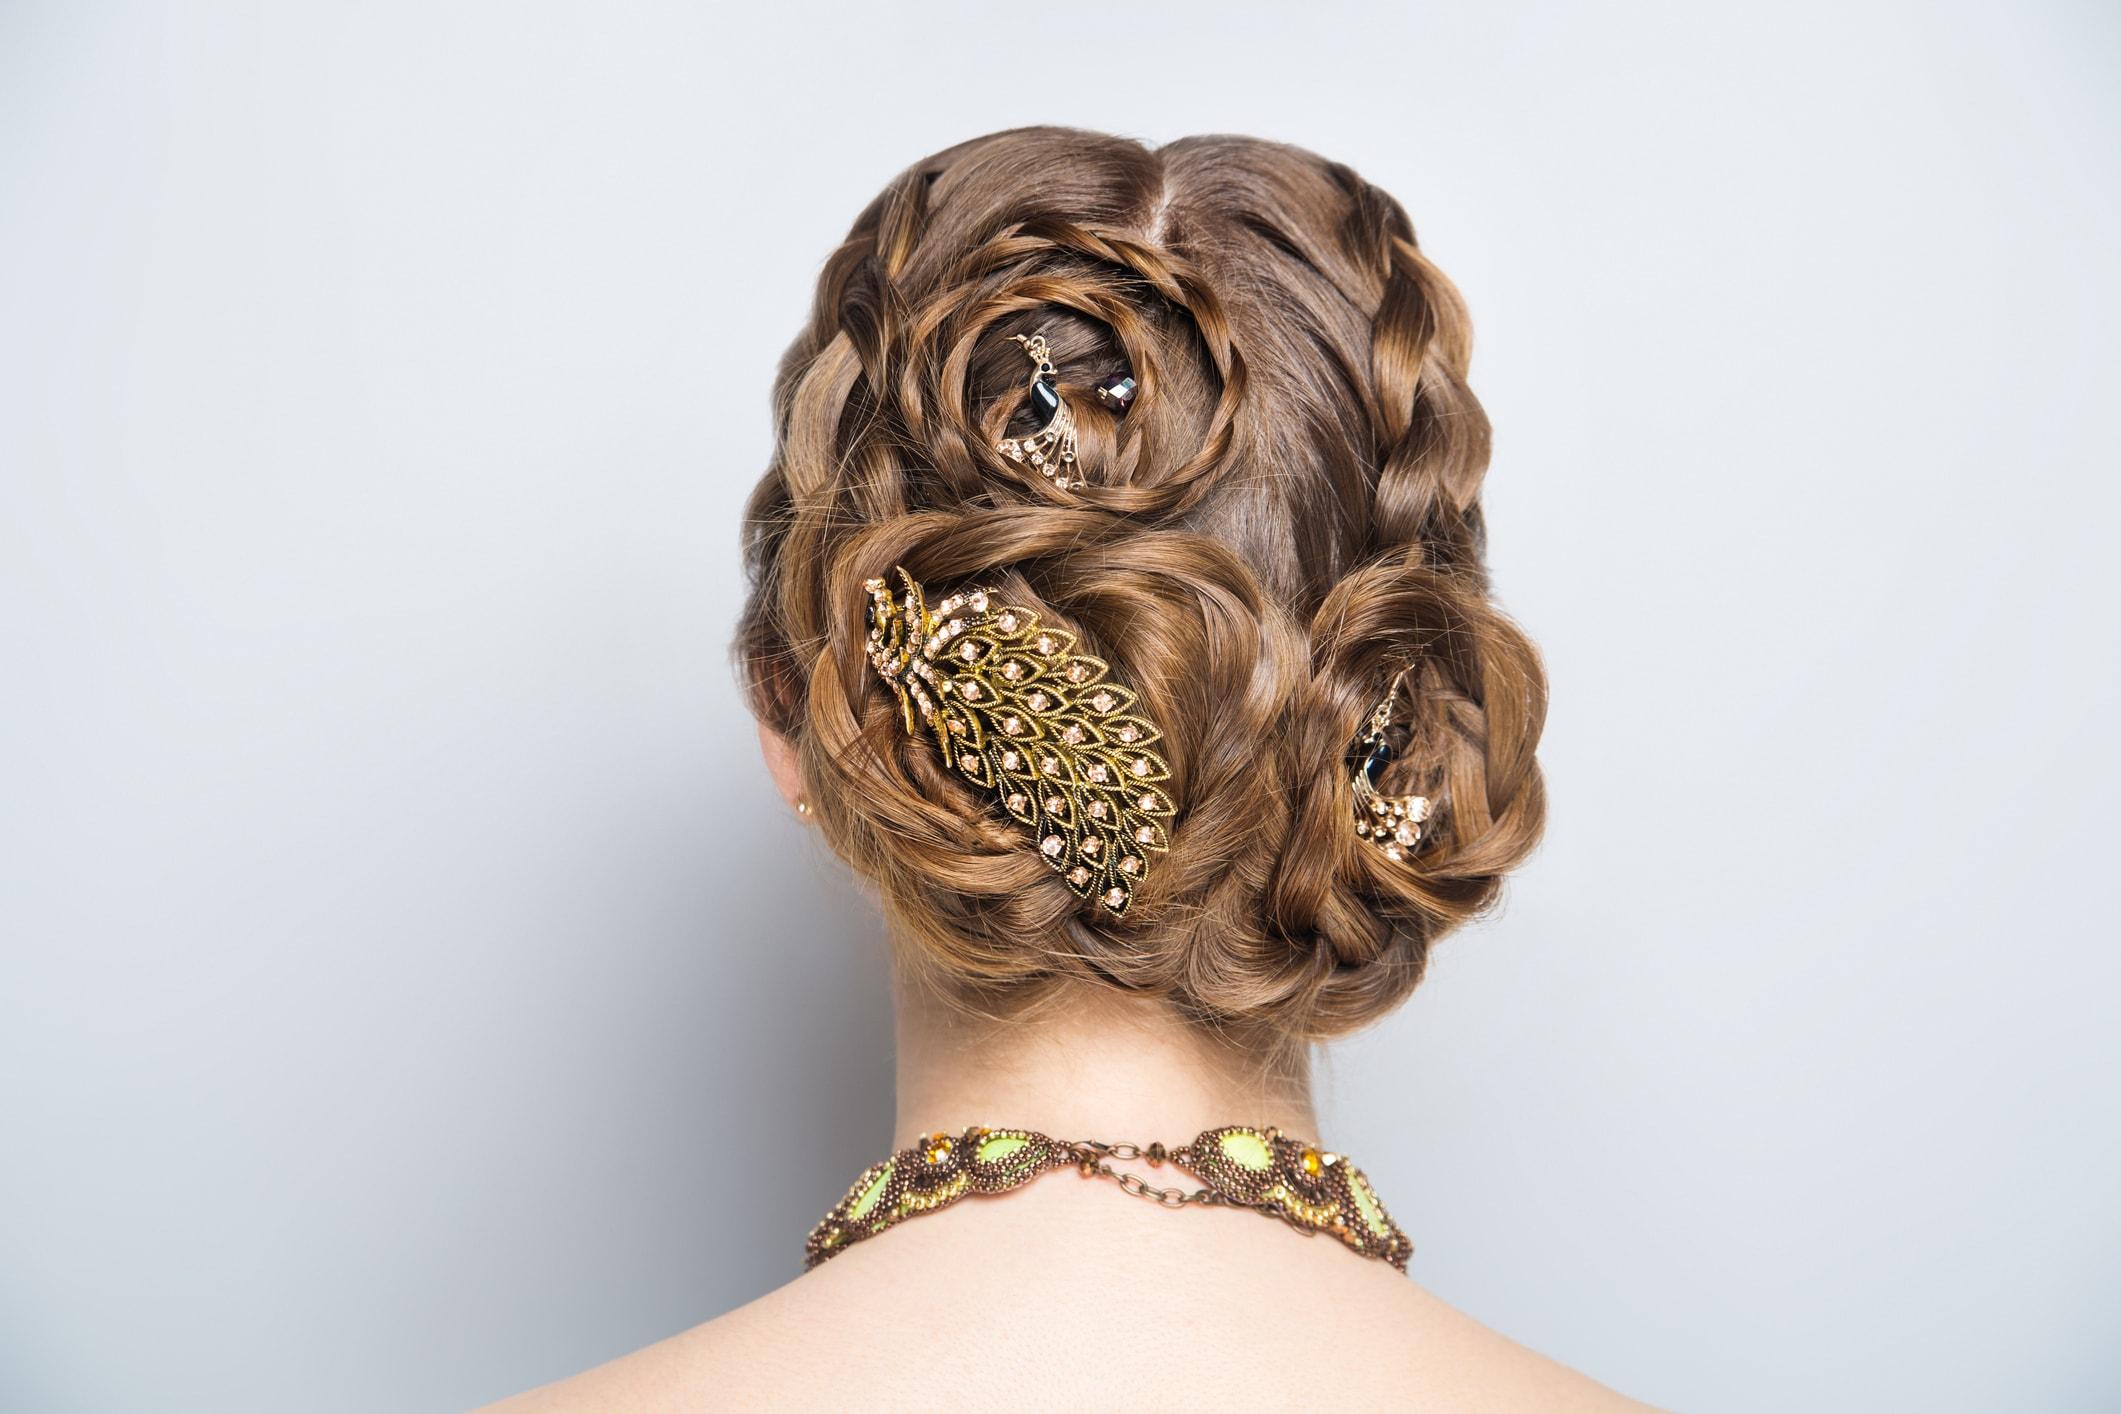 Haarspangen können den Haaren schaden